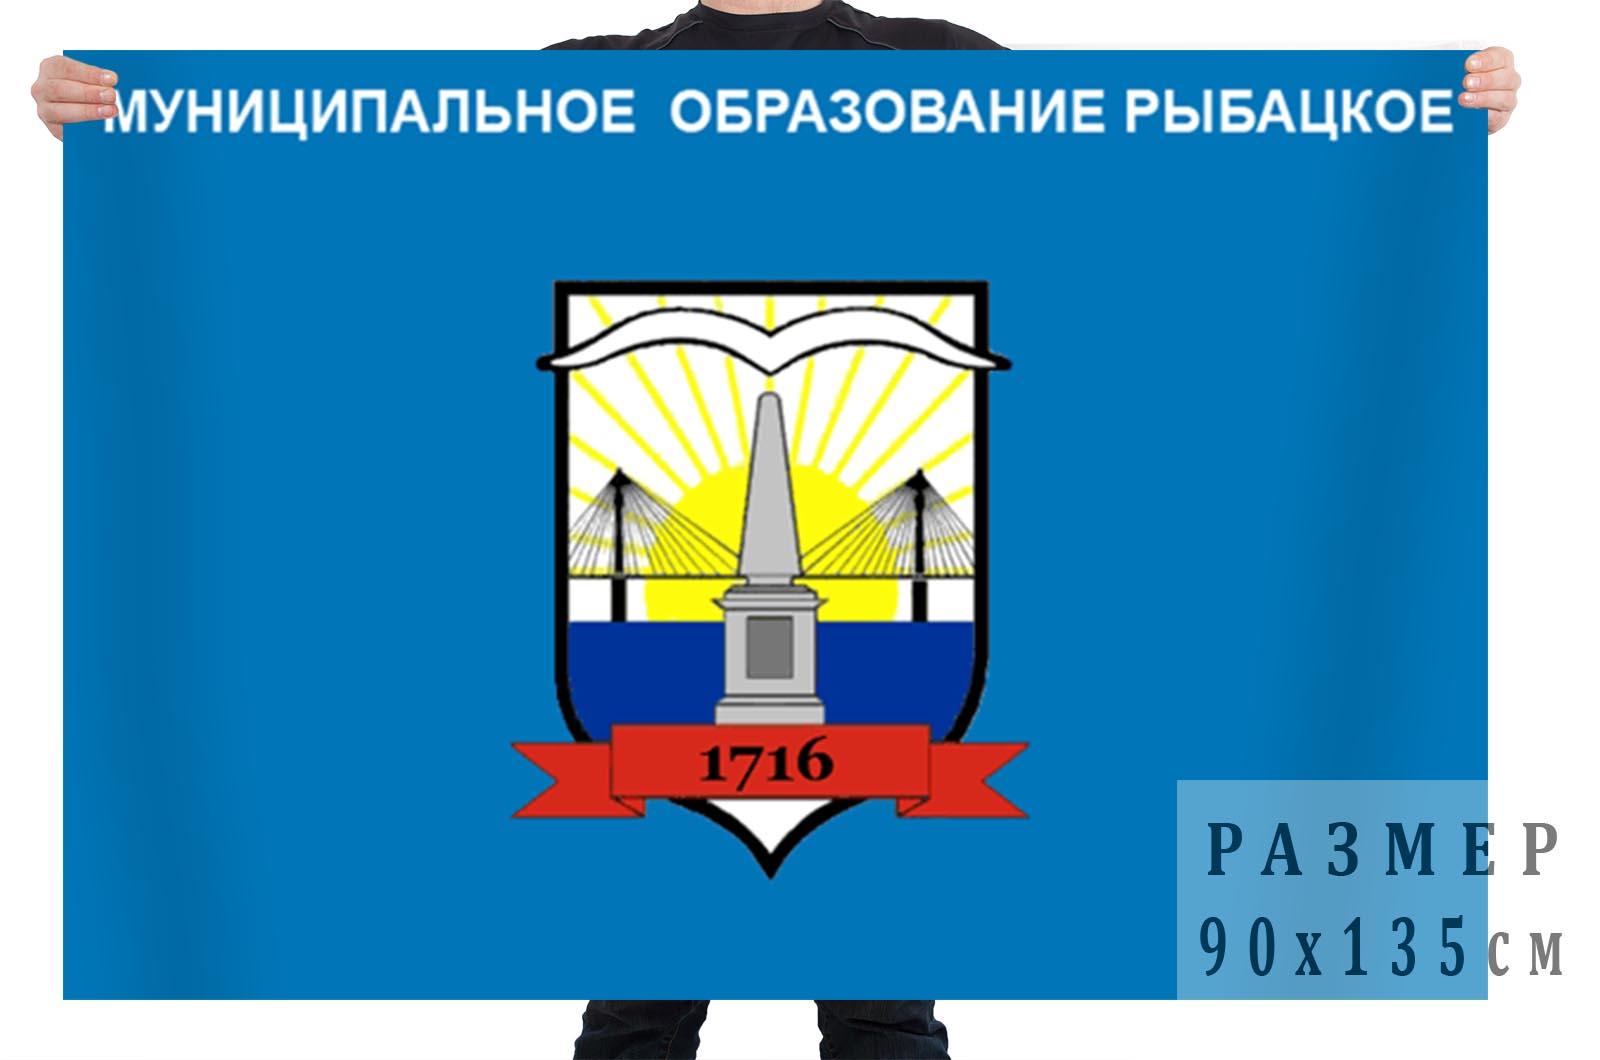 Флаг муниципального образования муниципальный округ Рыбацкое